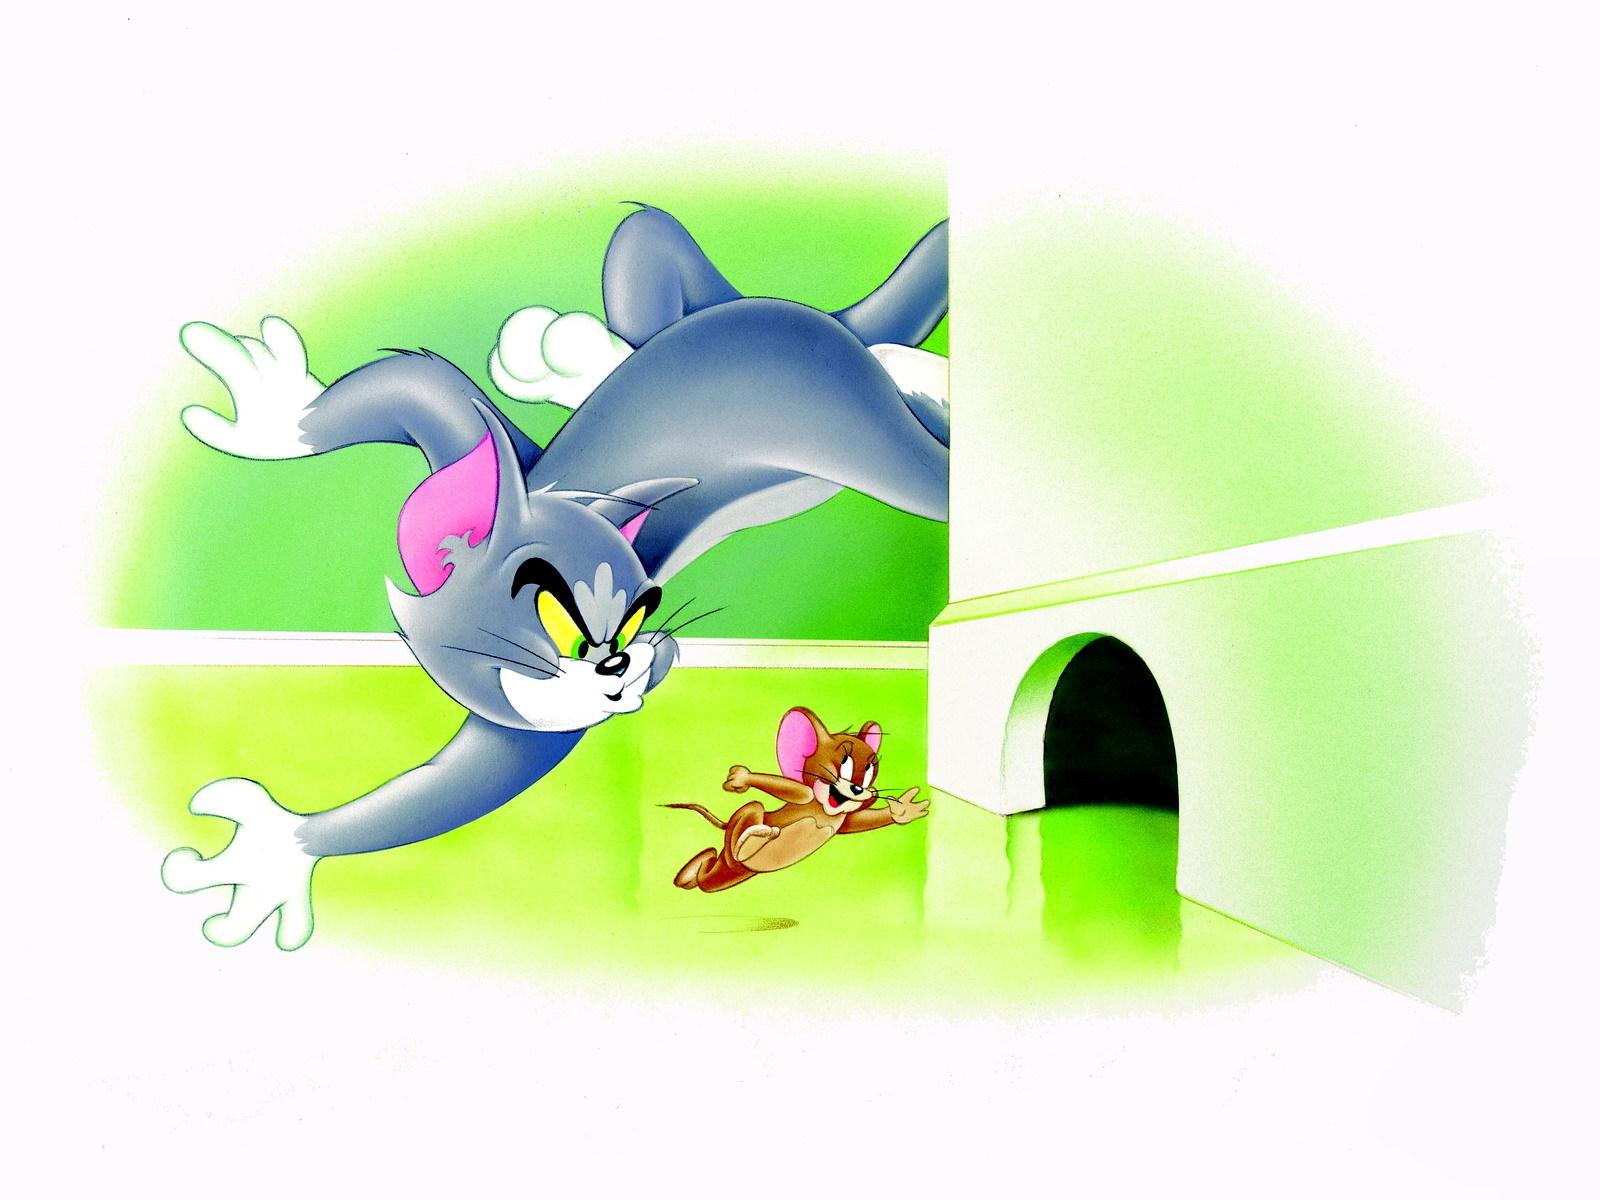 20013 économiseurs d'écran et fonds d'écran Dessin Animé sur votre téléphone. Téléchargez Dessin Animé, Dessins, Tom Et Jerry images gratuitement